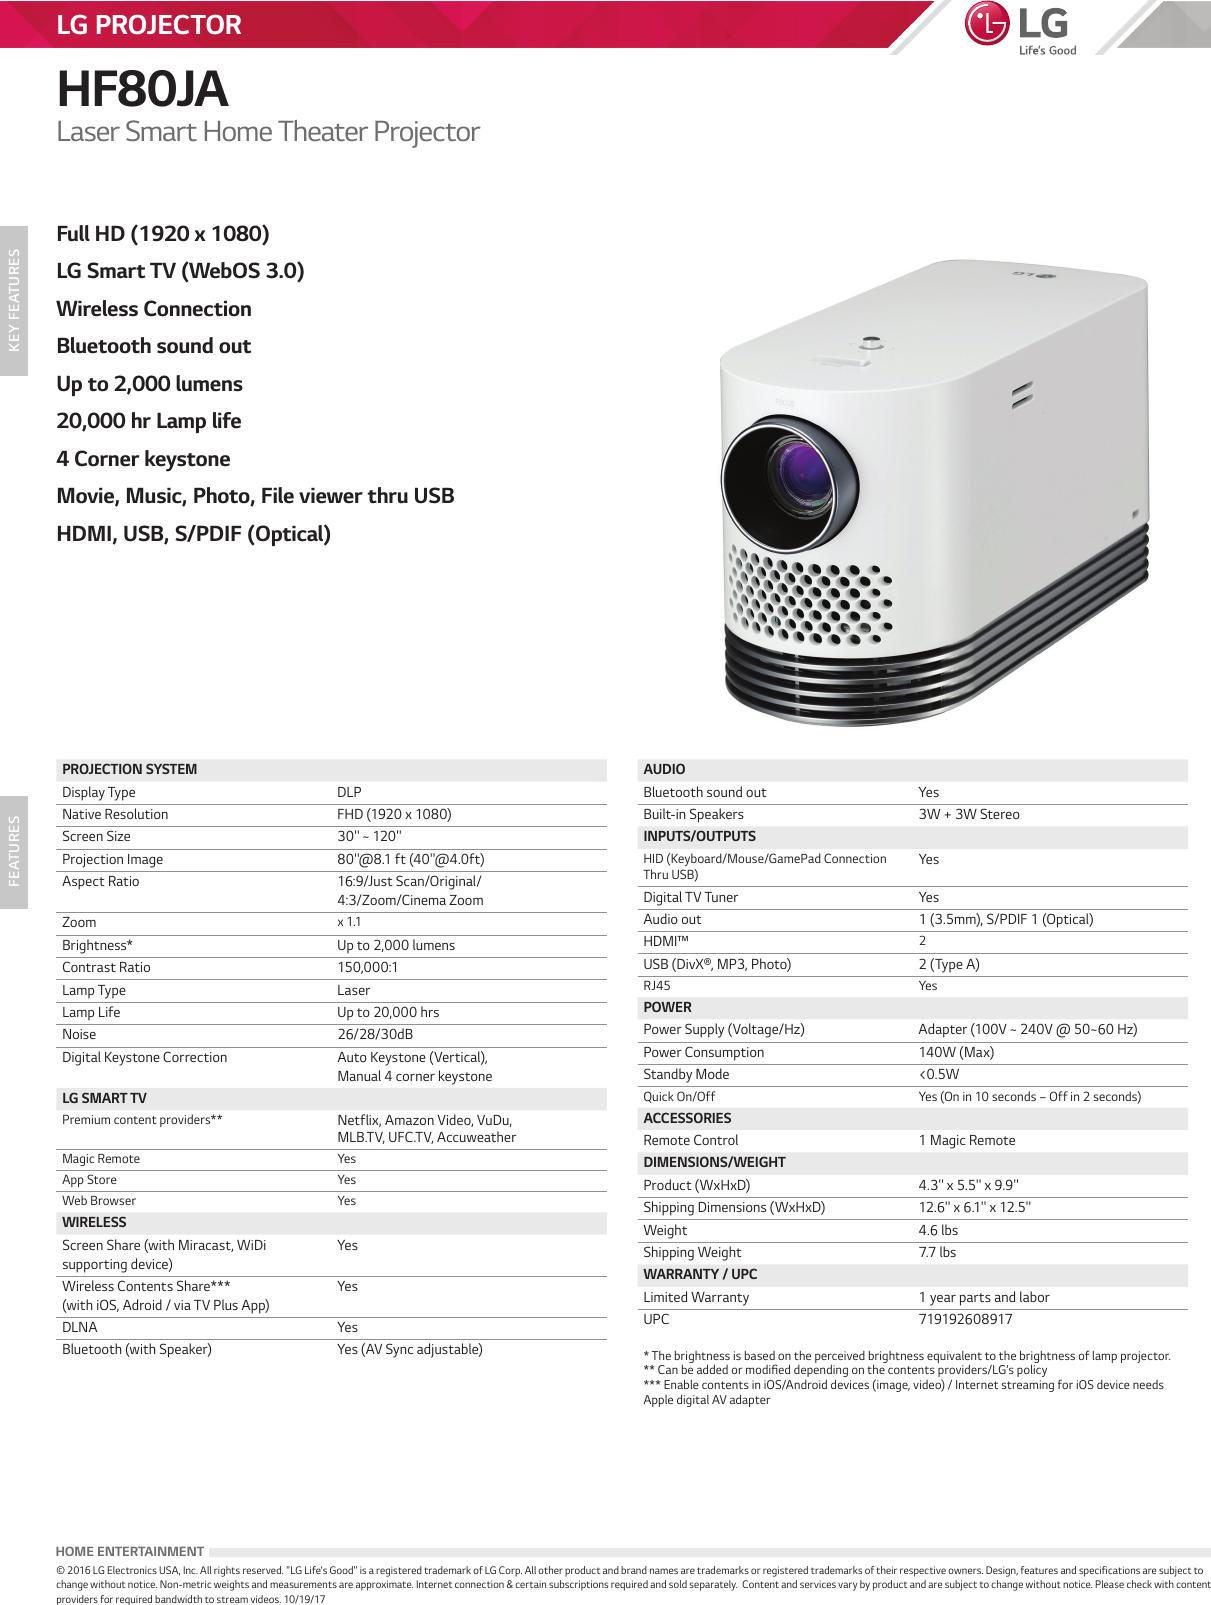 LG HF80JA User Manual Specification Spec Sheet 20171019